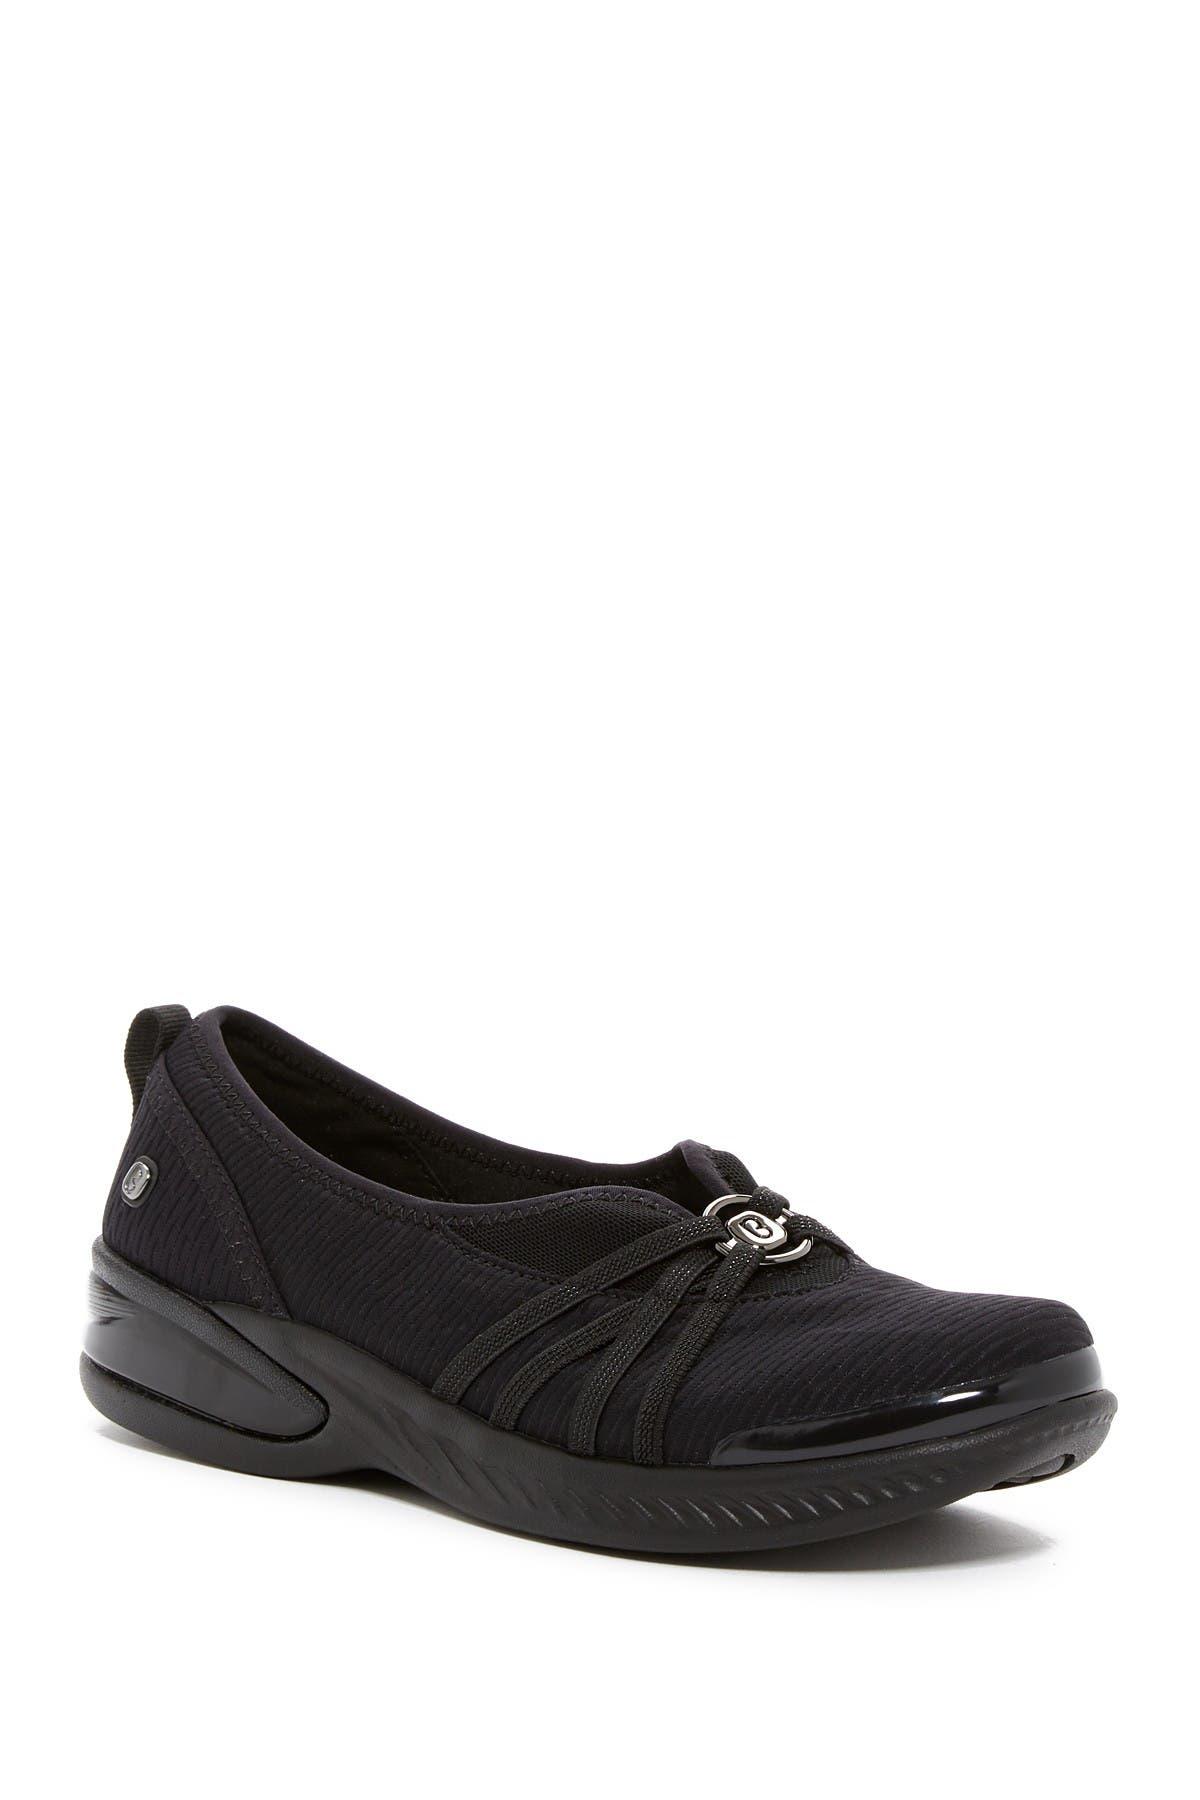 BZEES   Niche Slip-On Sneaker - Wide